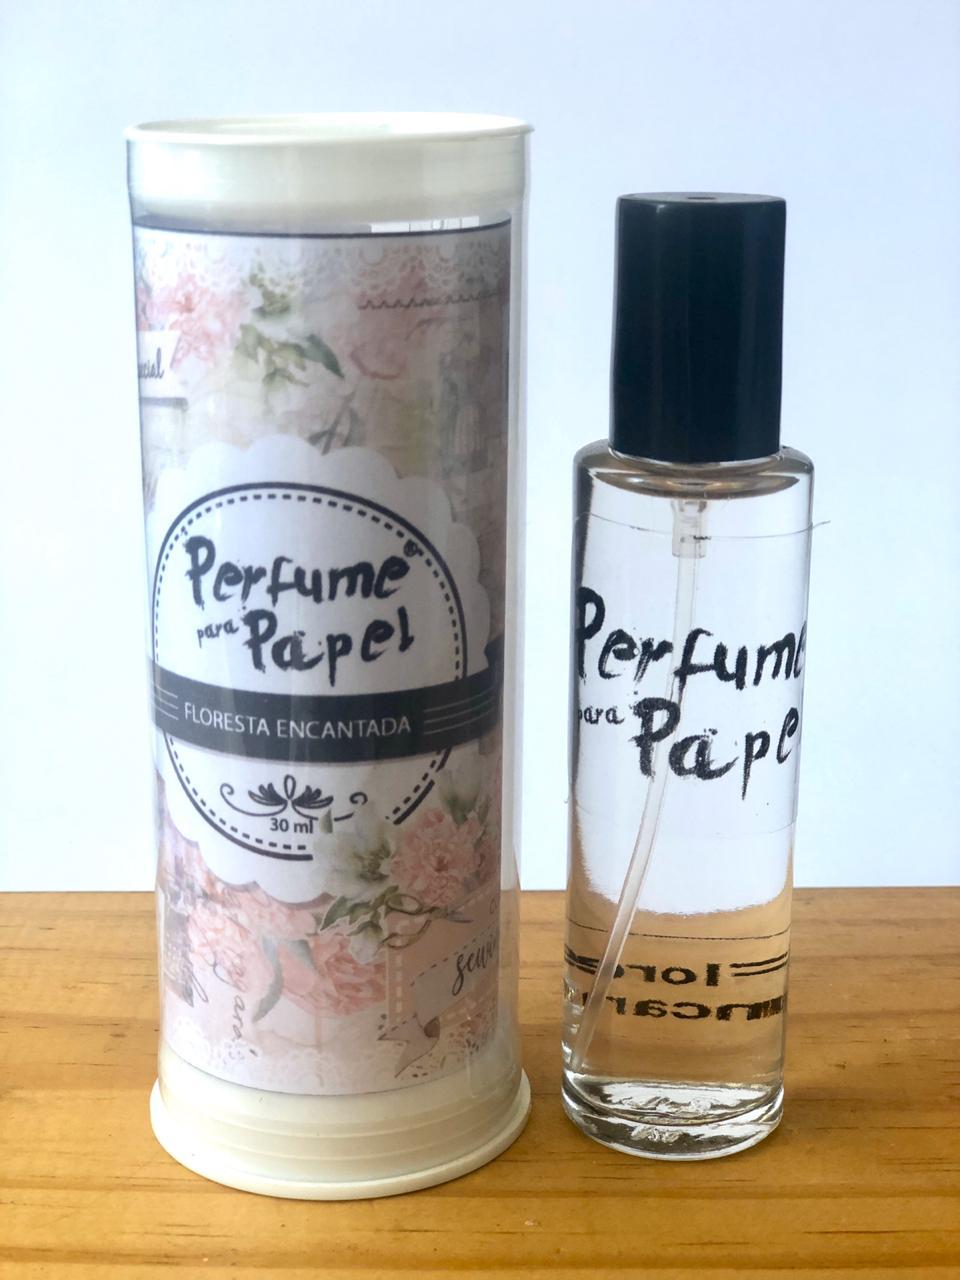 Perfume para papel - Aroma Floresta Encantada - 30 ml - Edição Especial (PP1650)